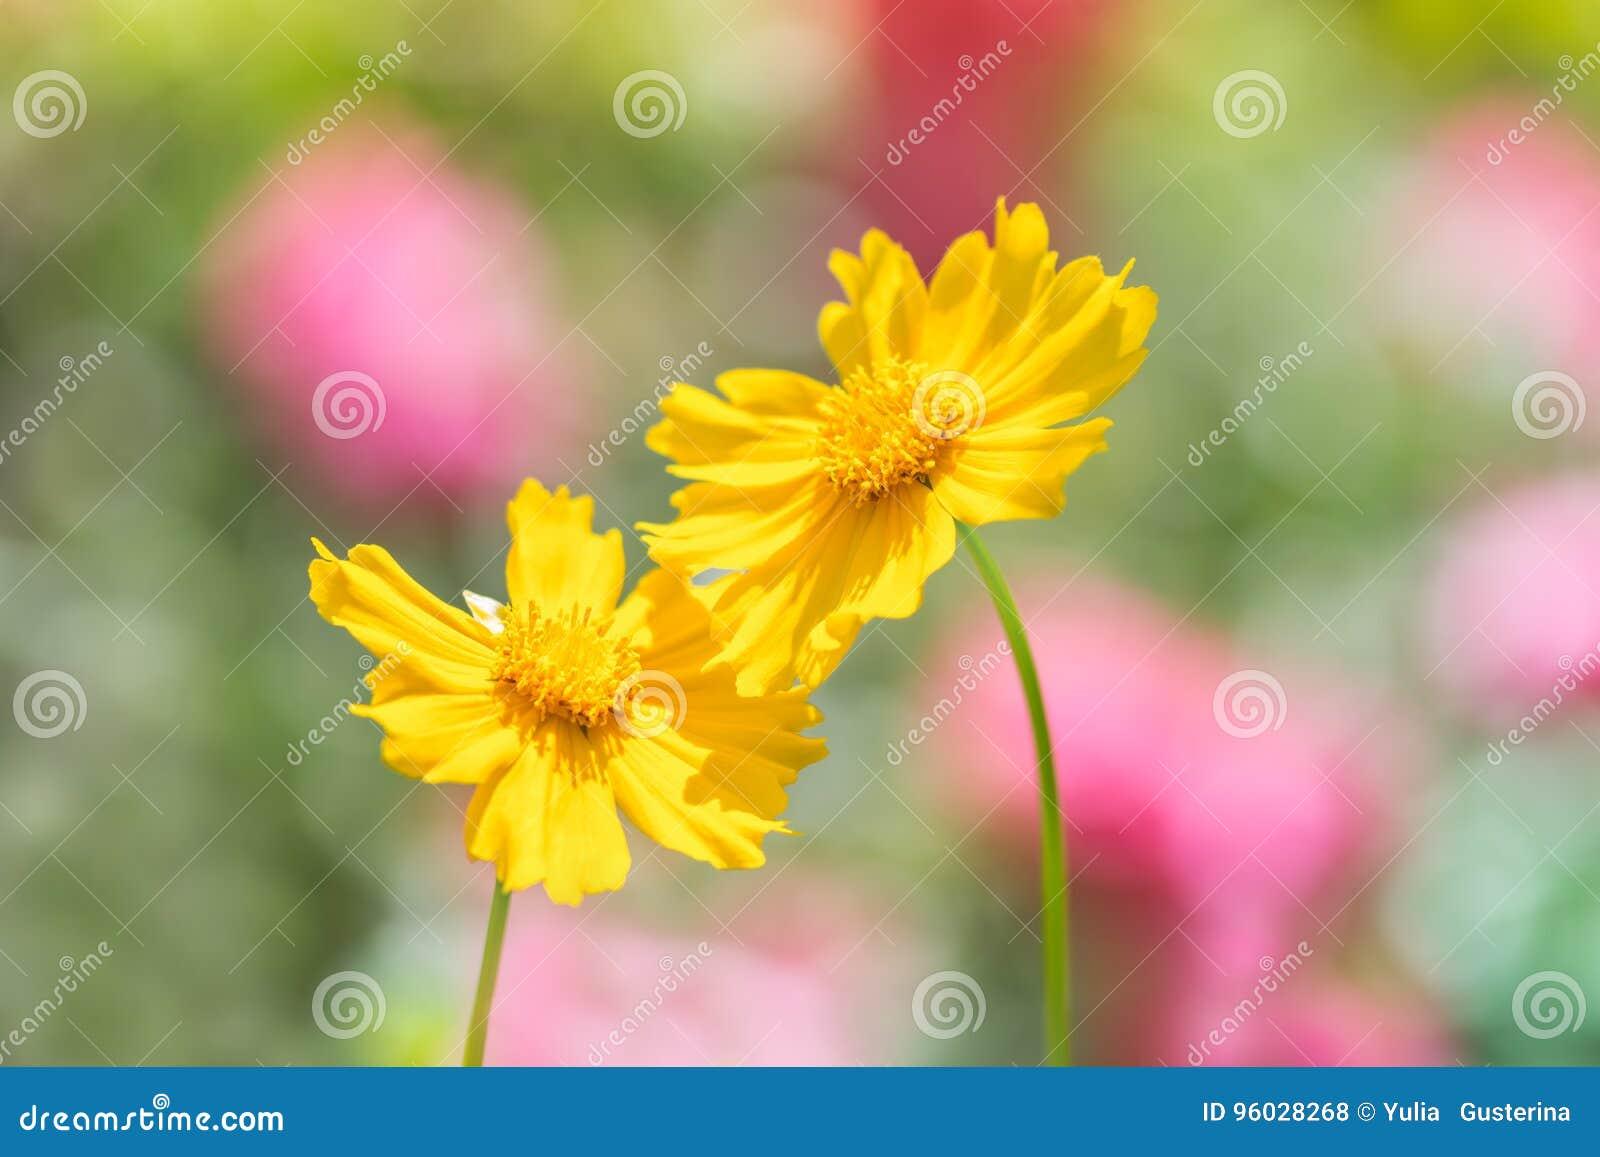 Cosmee jest żółty na różowym zielonym tle